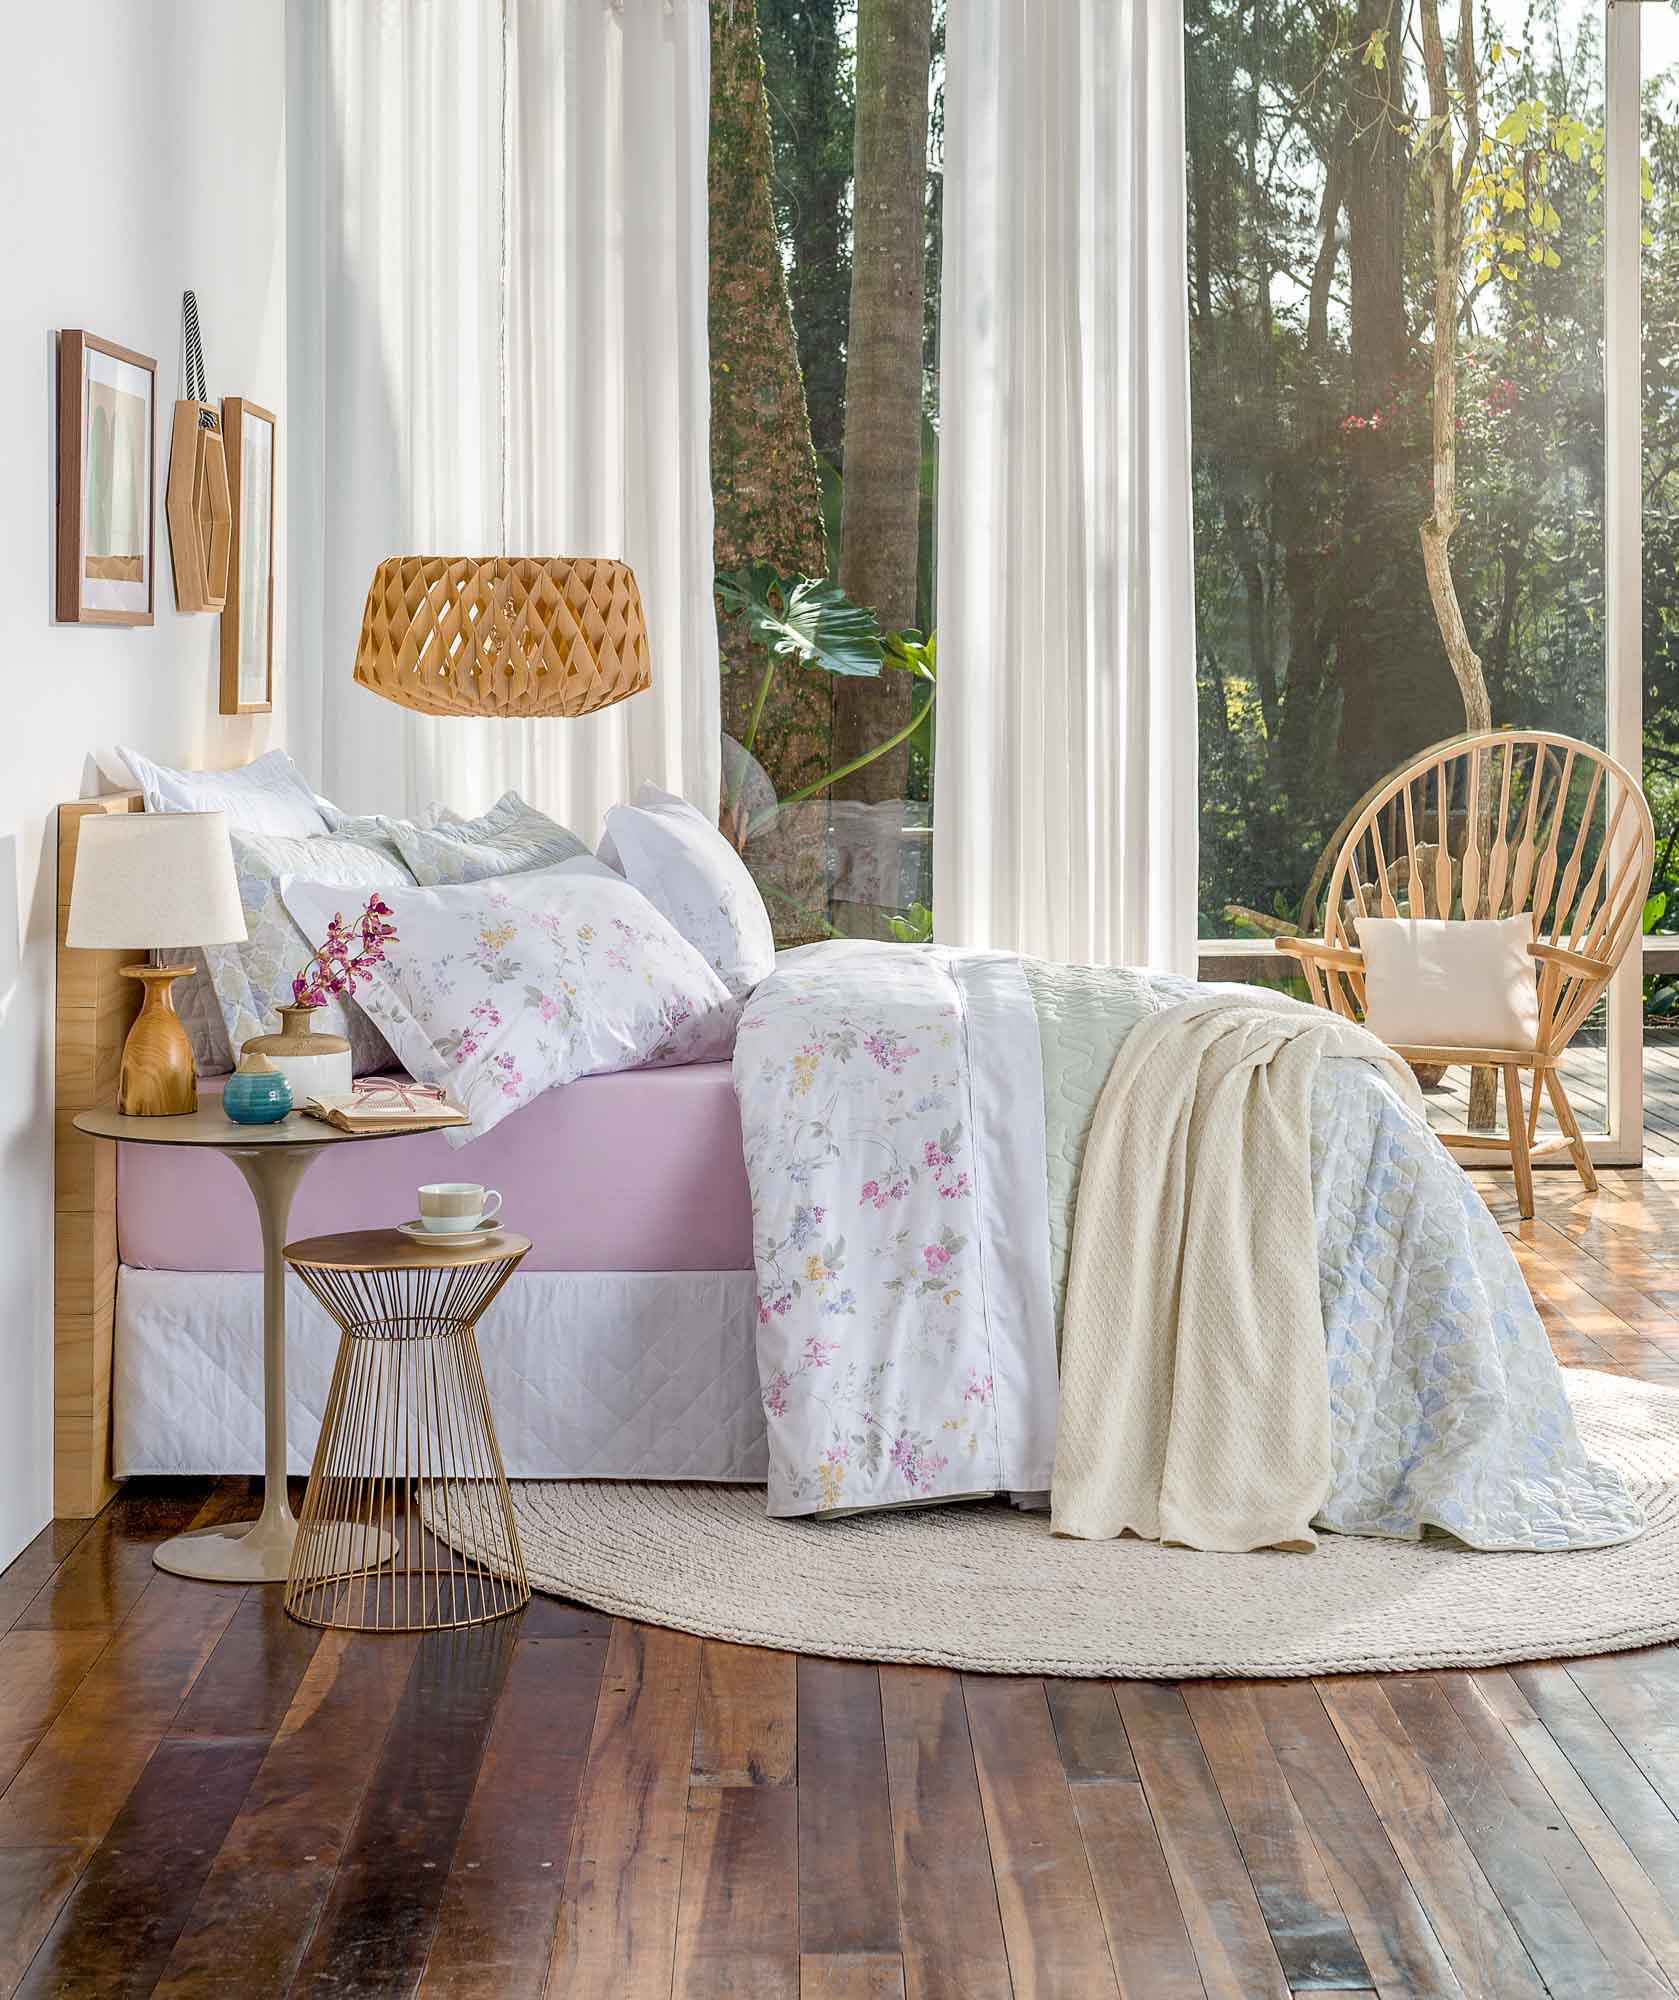 Jogo de lençol casal 200 fios santista charlotte 70 % algodão 30% modal até 30 cm altura rosa